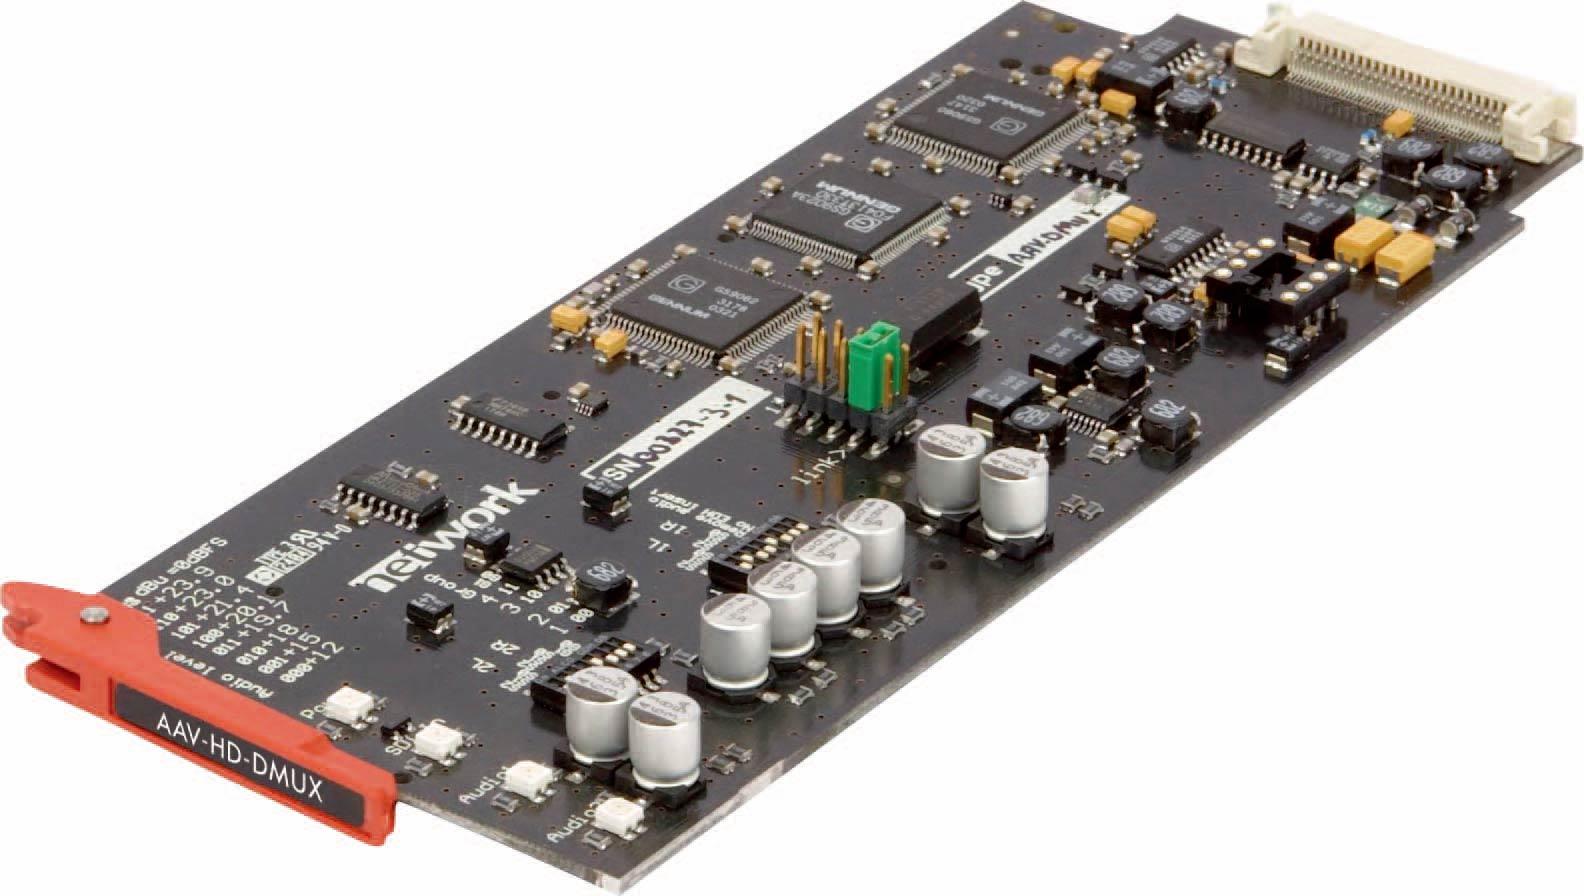 AAV-HD-DMUX_board